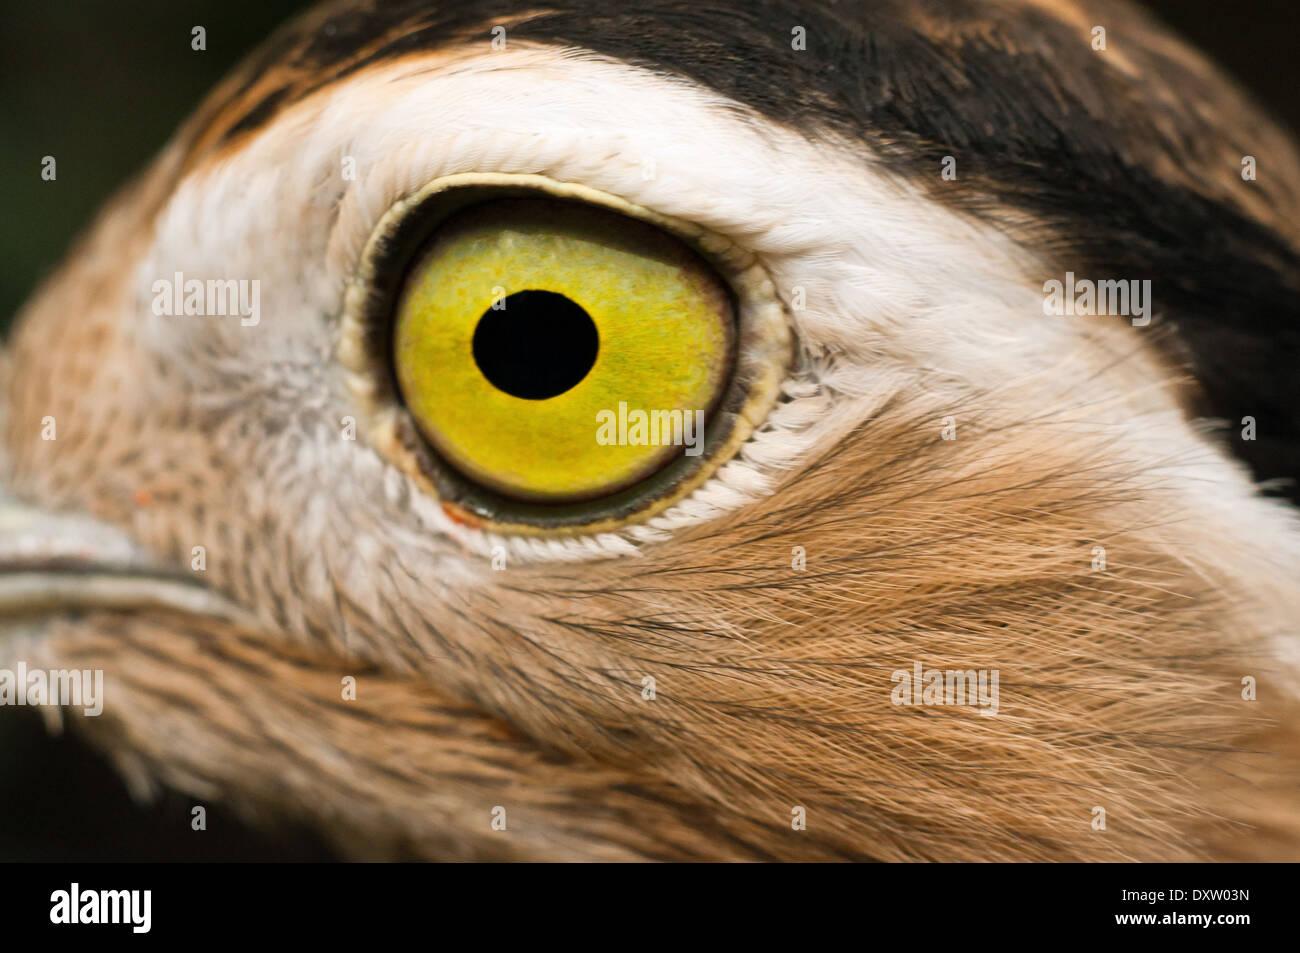 Nett Vogel Auge Anatomie Bilder - Menschliche Anatomie Bilder ...